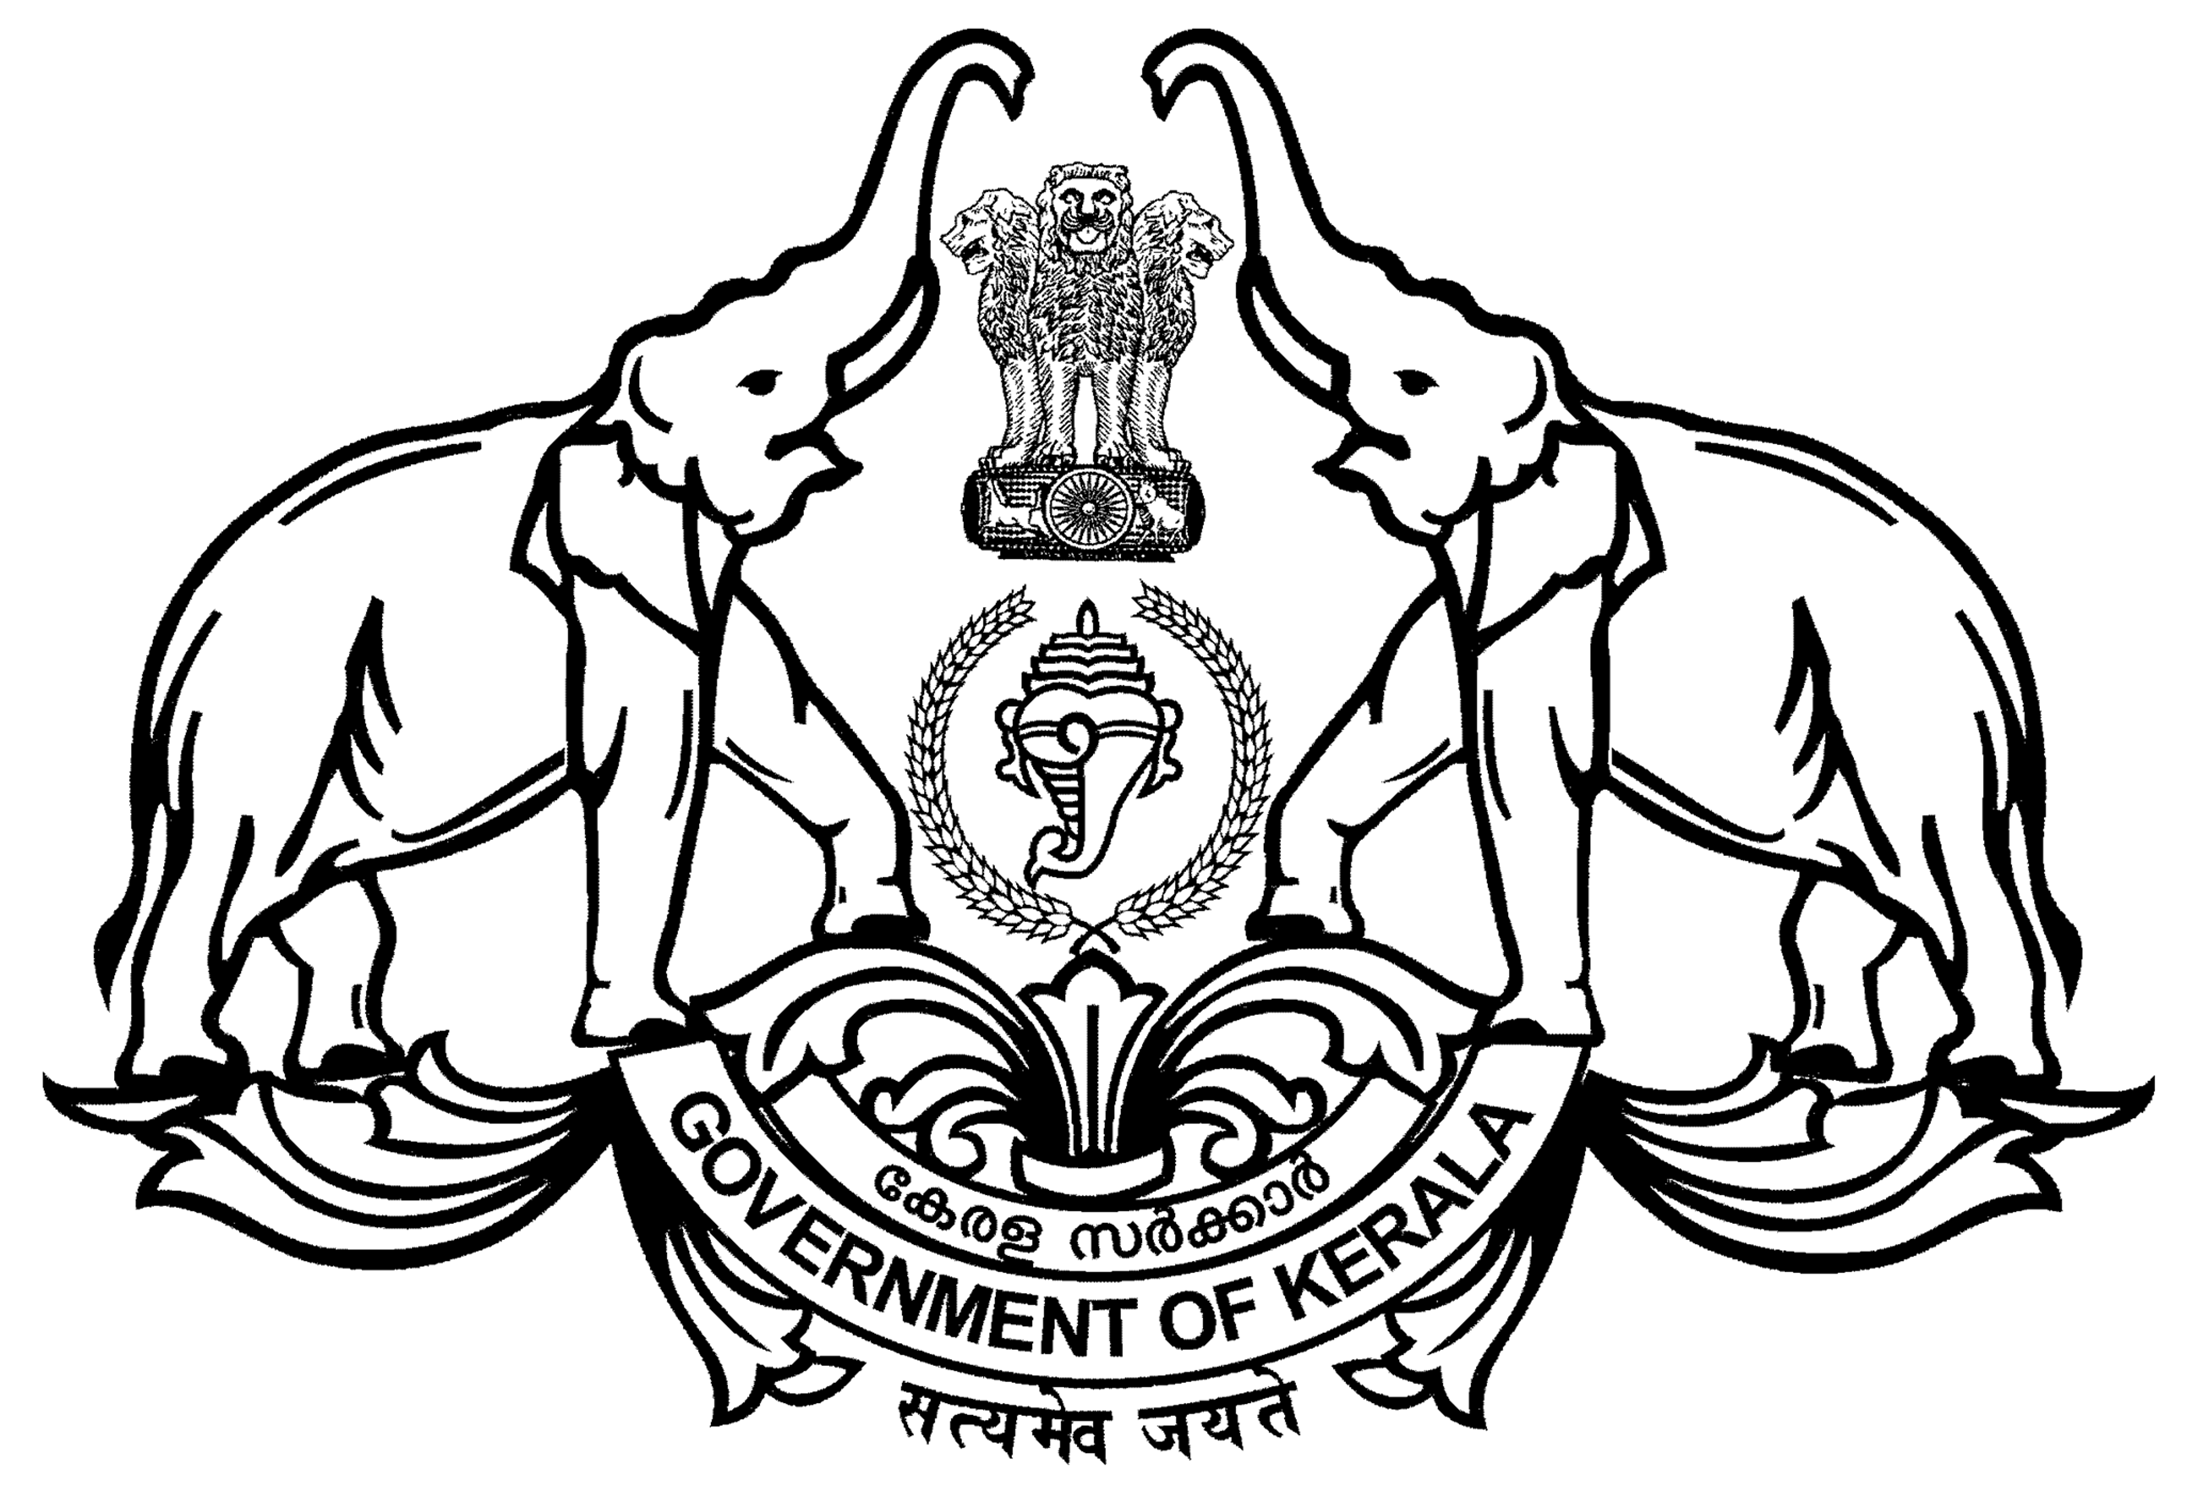 2187x1497 Kerala Government Emblem